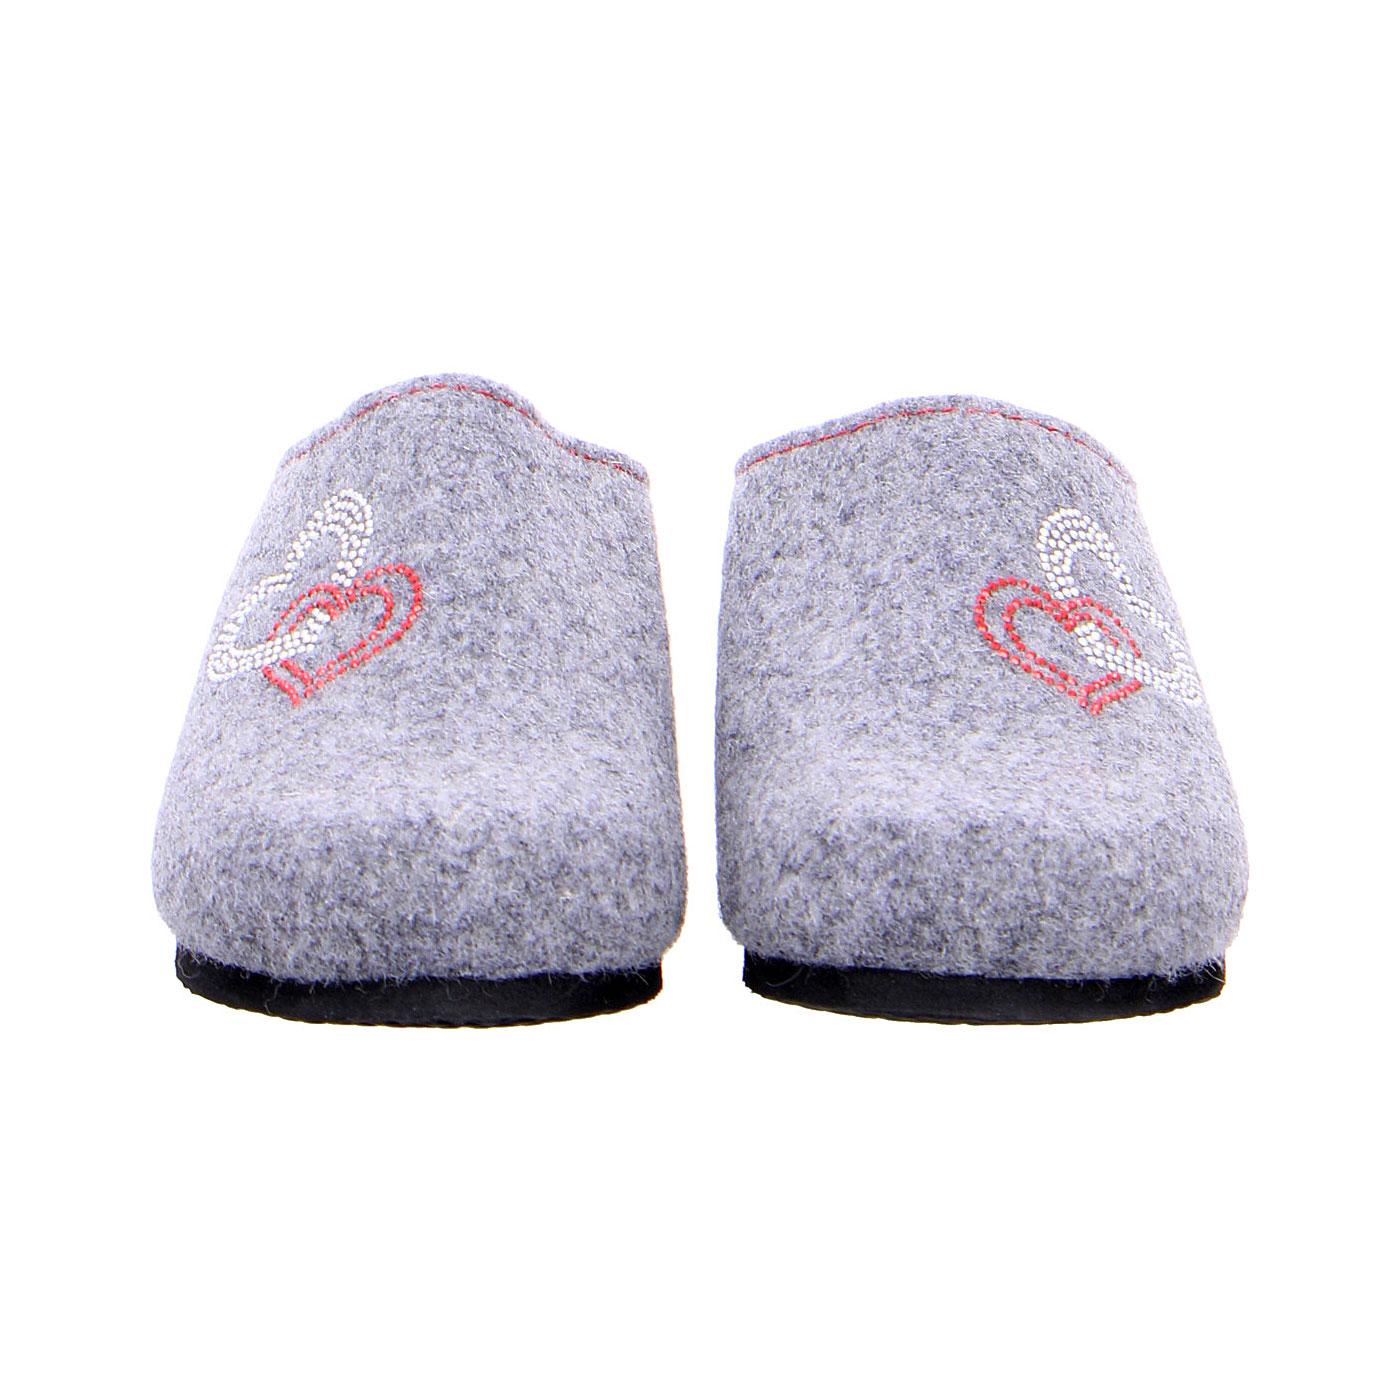 Дамски сиви пантофи от вълнен филц ara 15-29907-06 - снимка 5